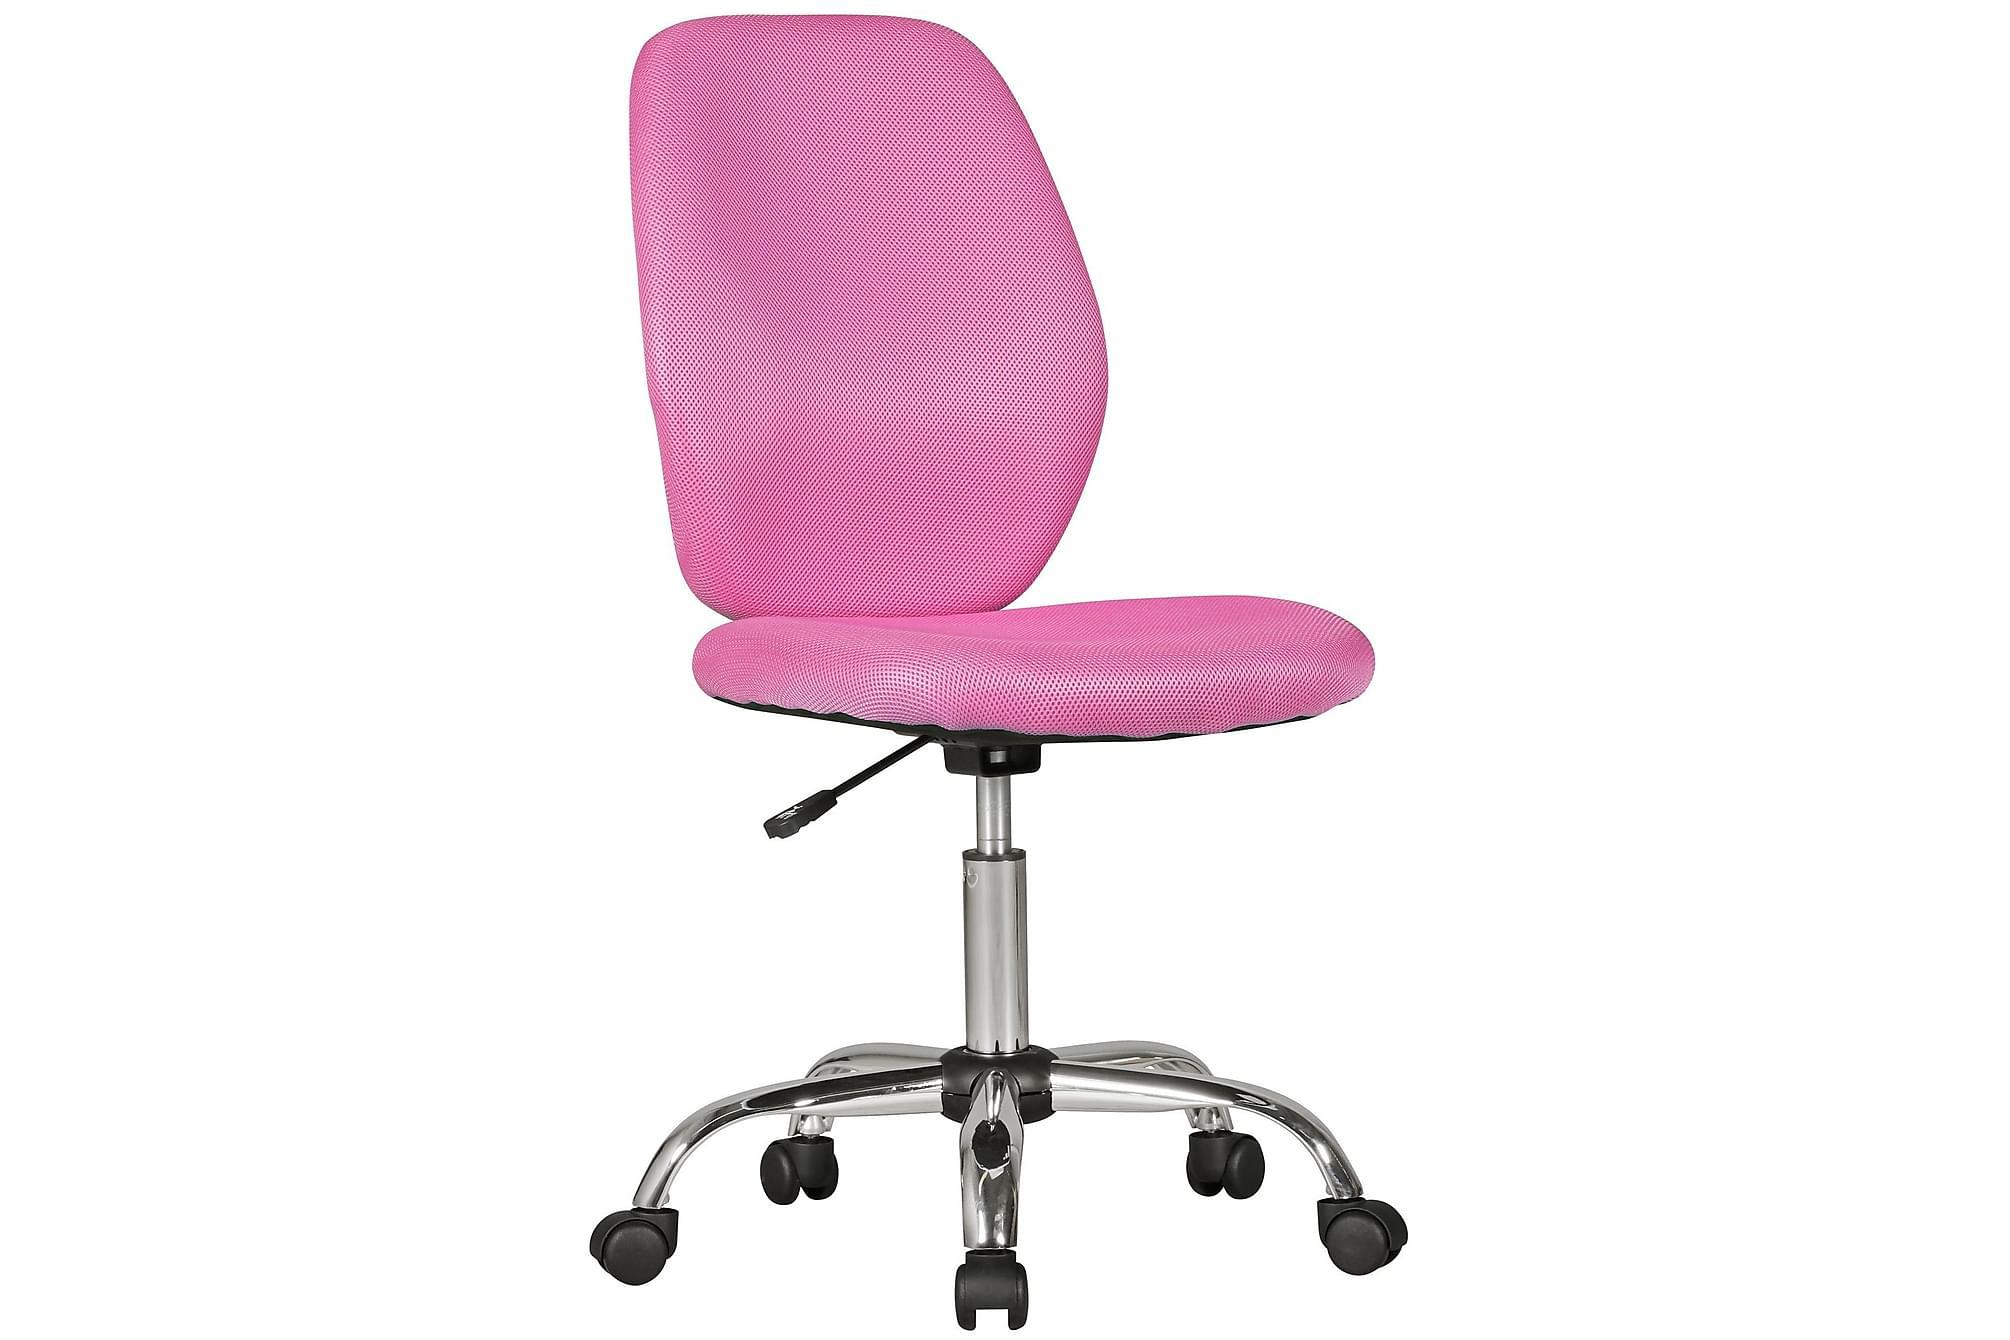 AVERLEE Skrivbordsstol för Barn Rosa, Barnstolar